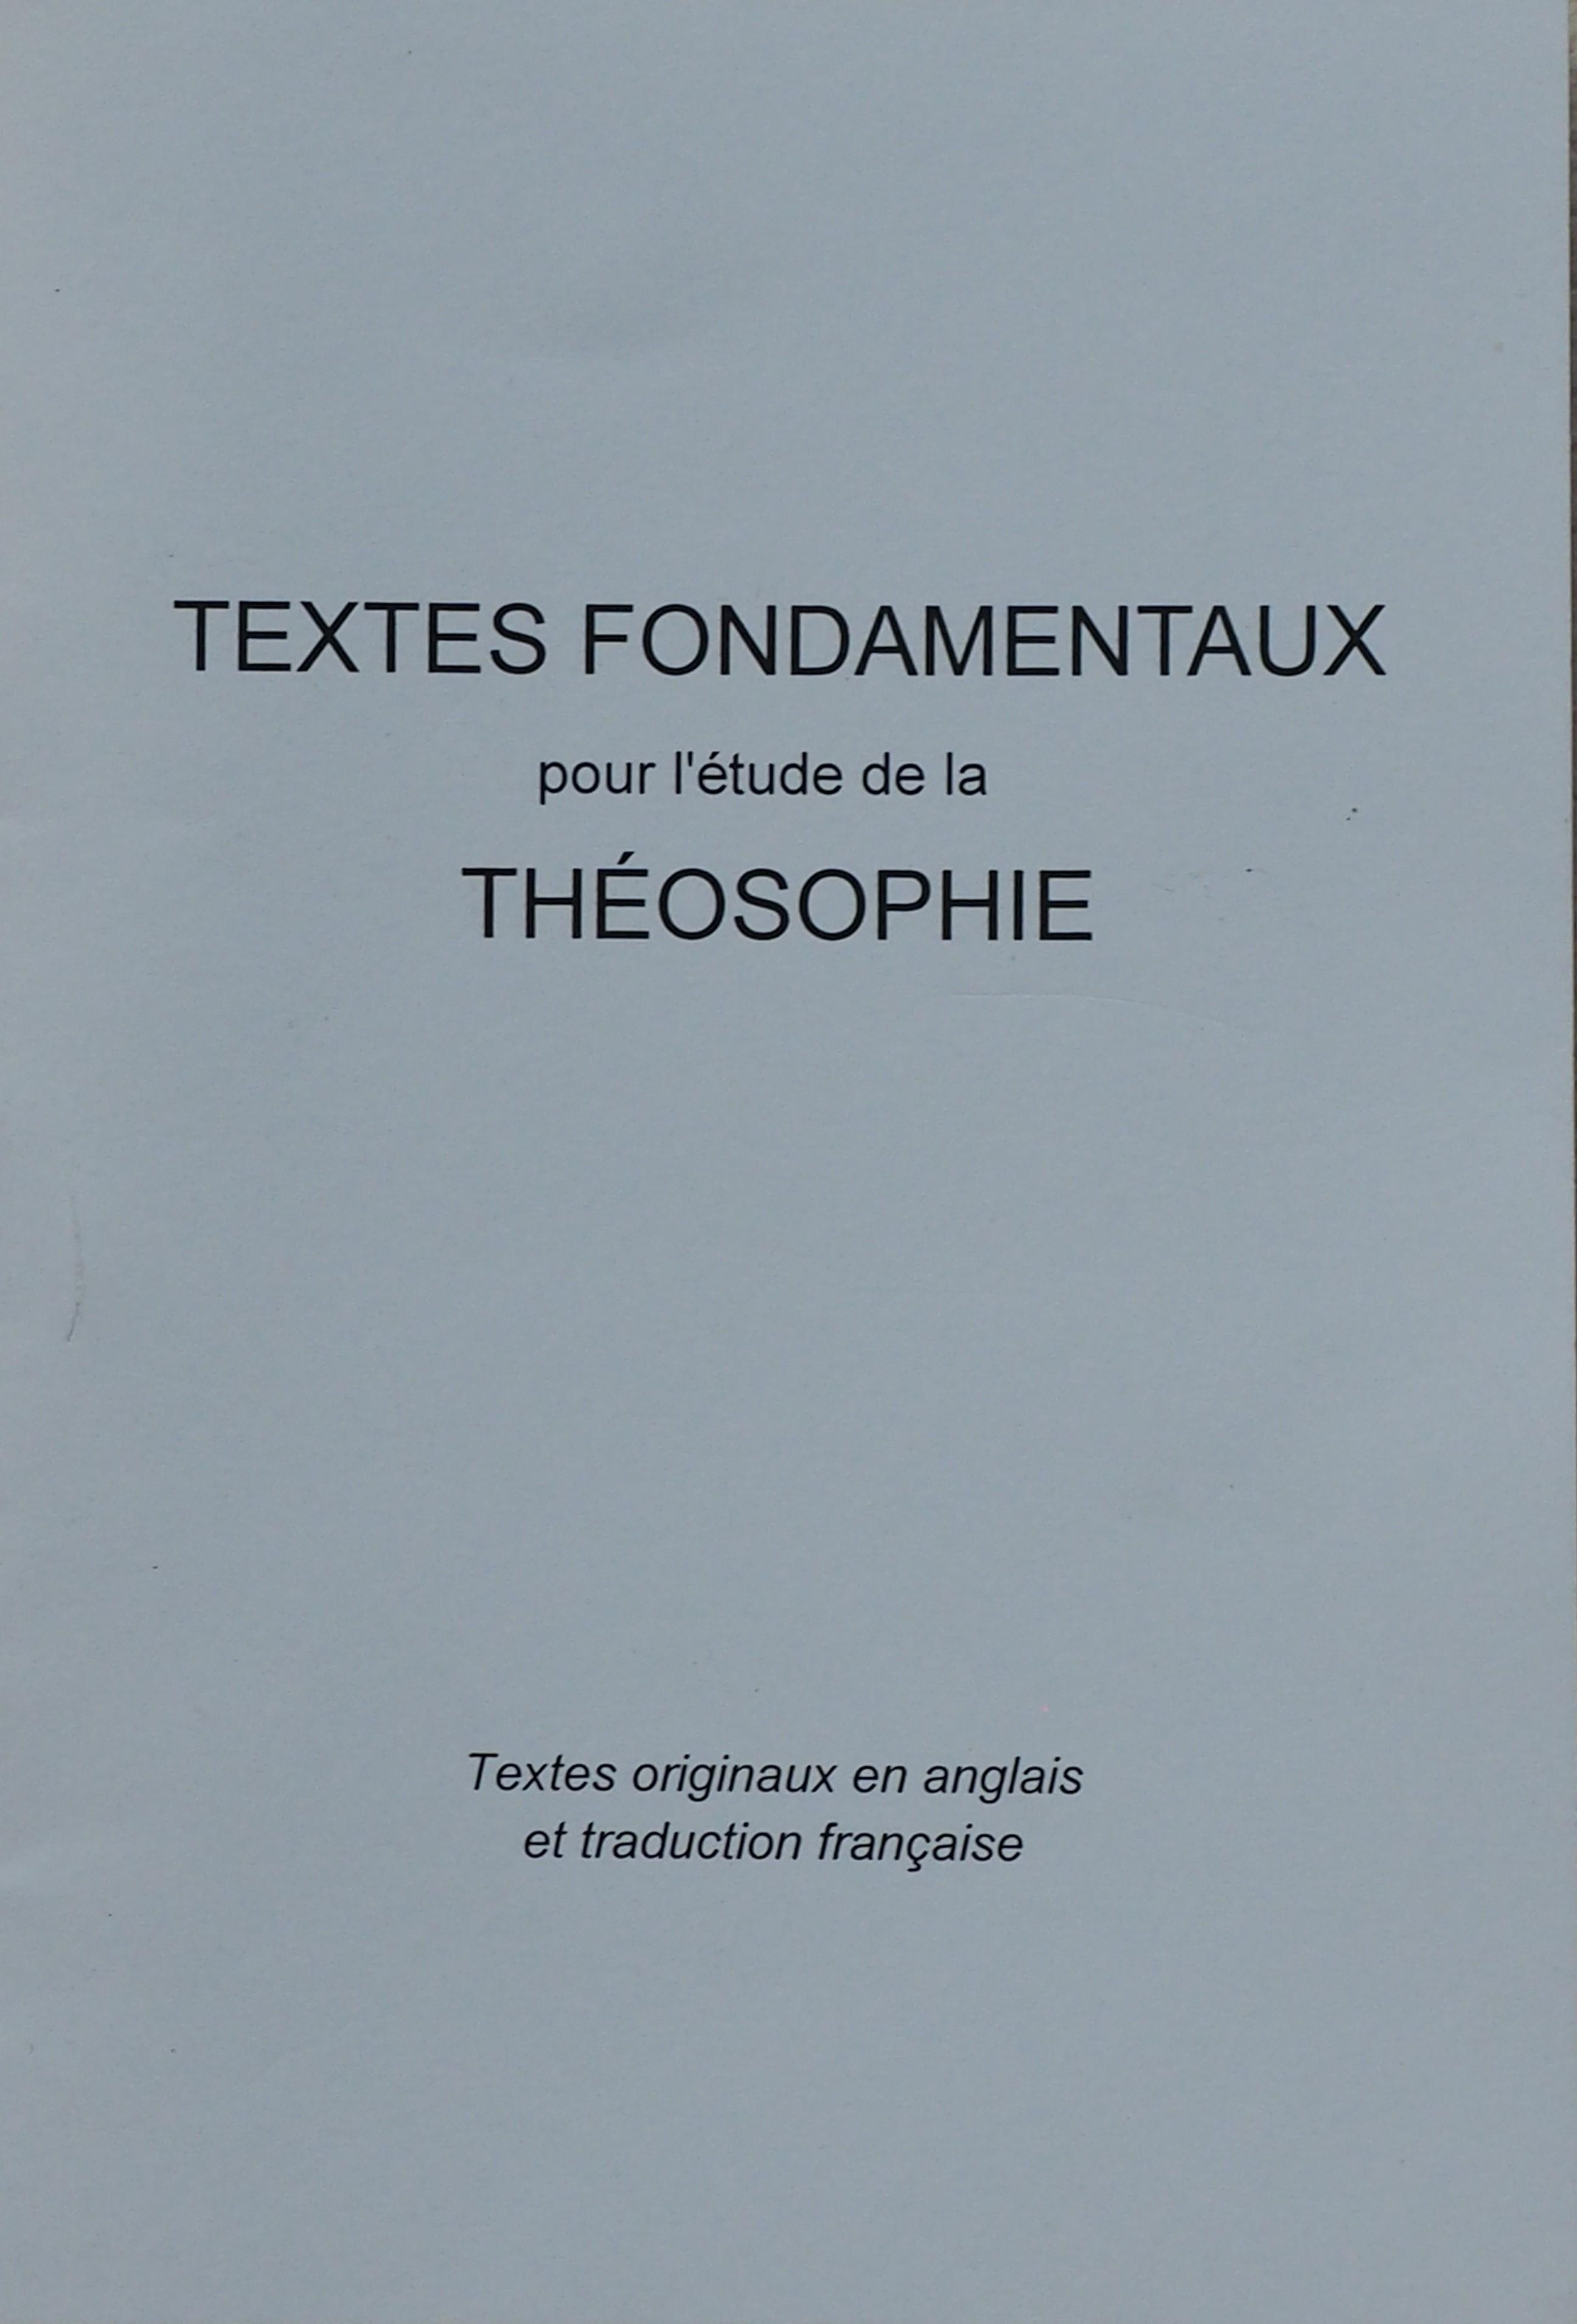 Photo couverture des Textes Fondamentaux de la Théosophie